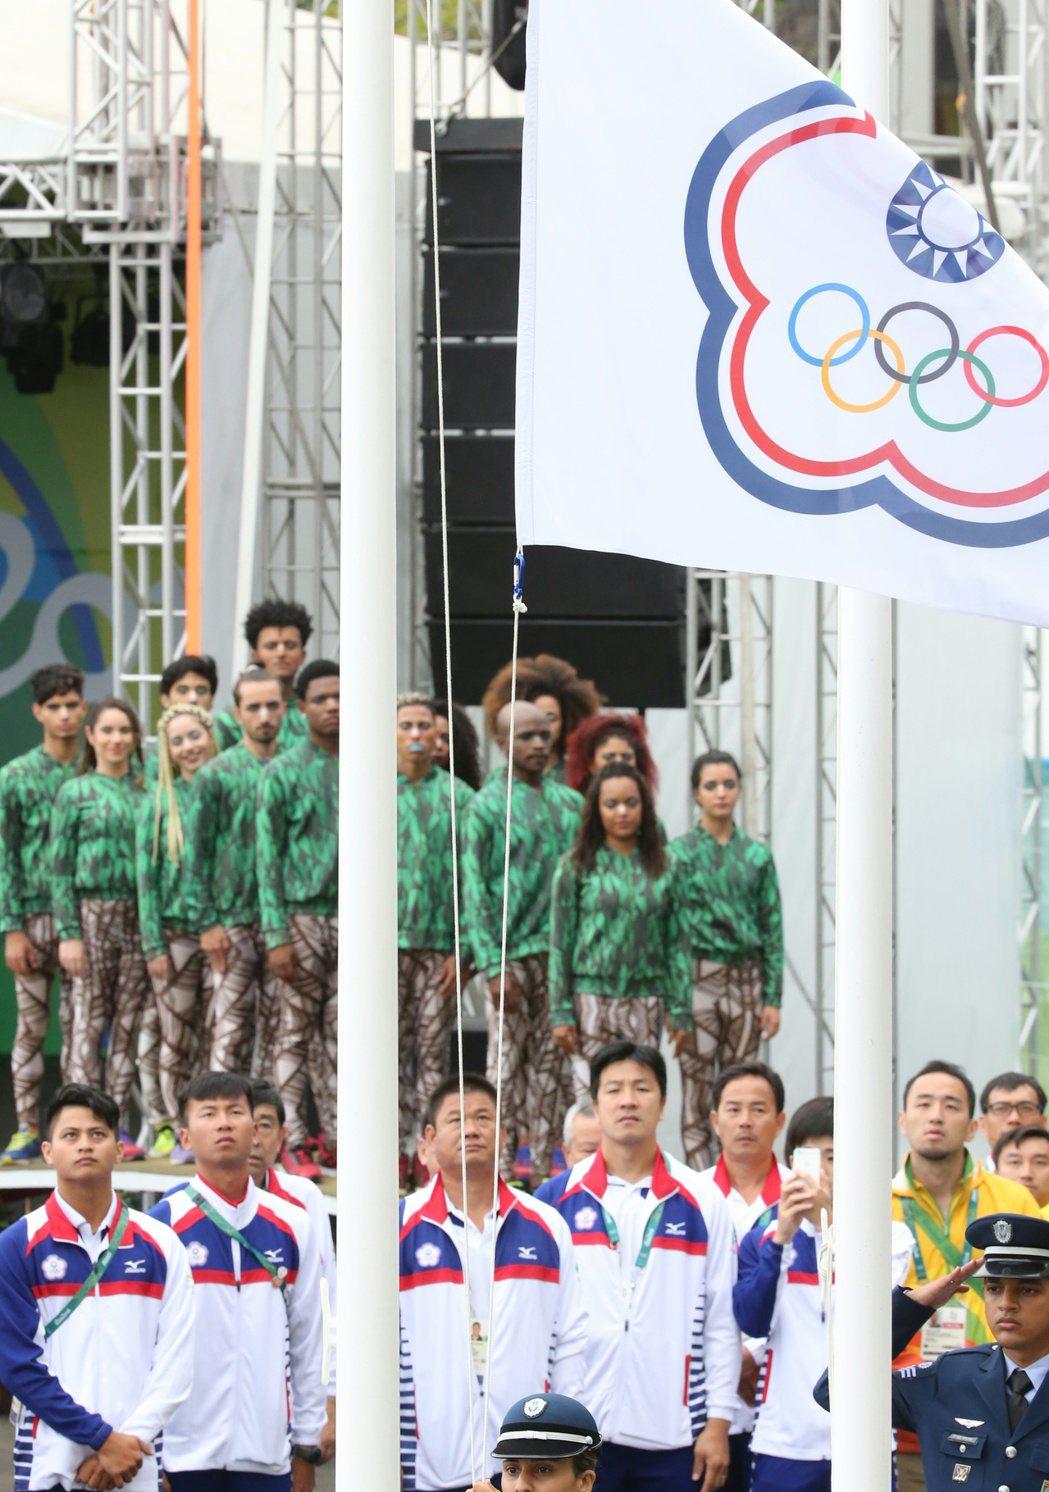 中華臺北會旗升旗典禮在里約時間上午十一點半舉行,會旗國旗歌聲中緩緩升起。 特派記...